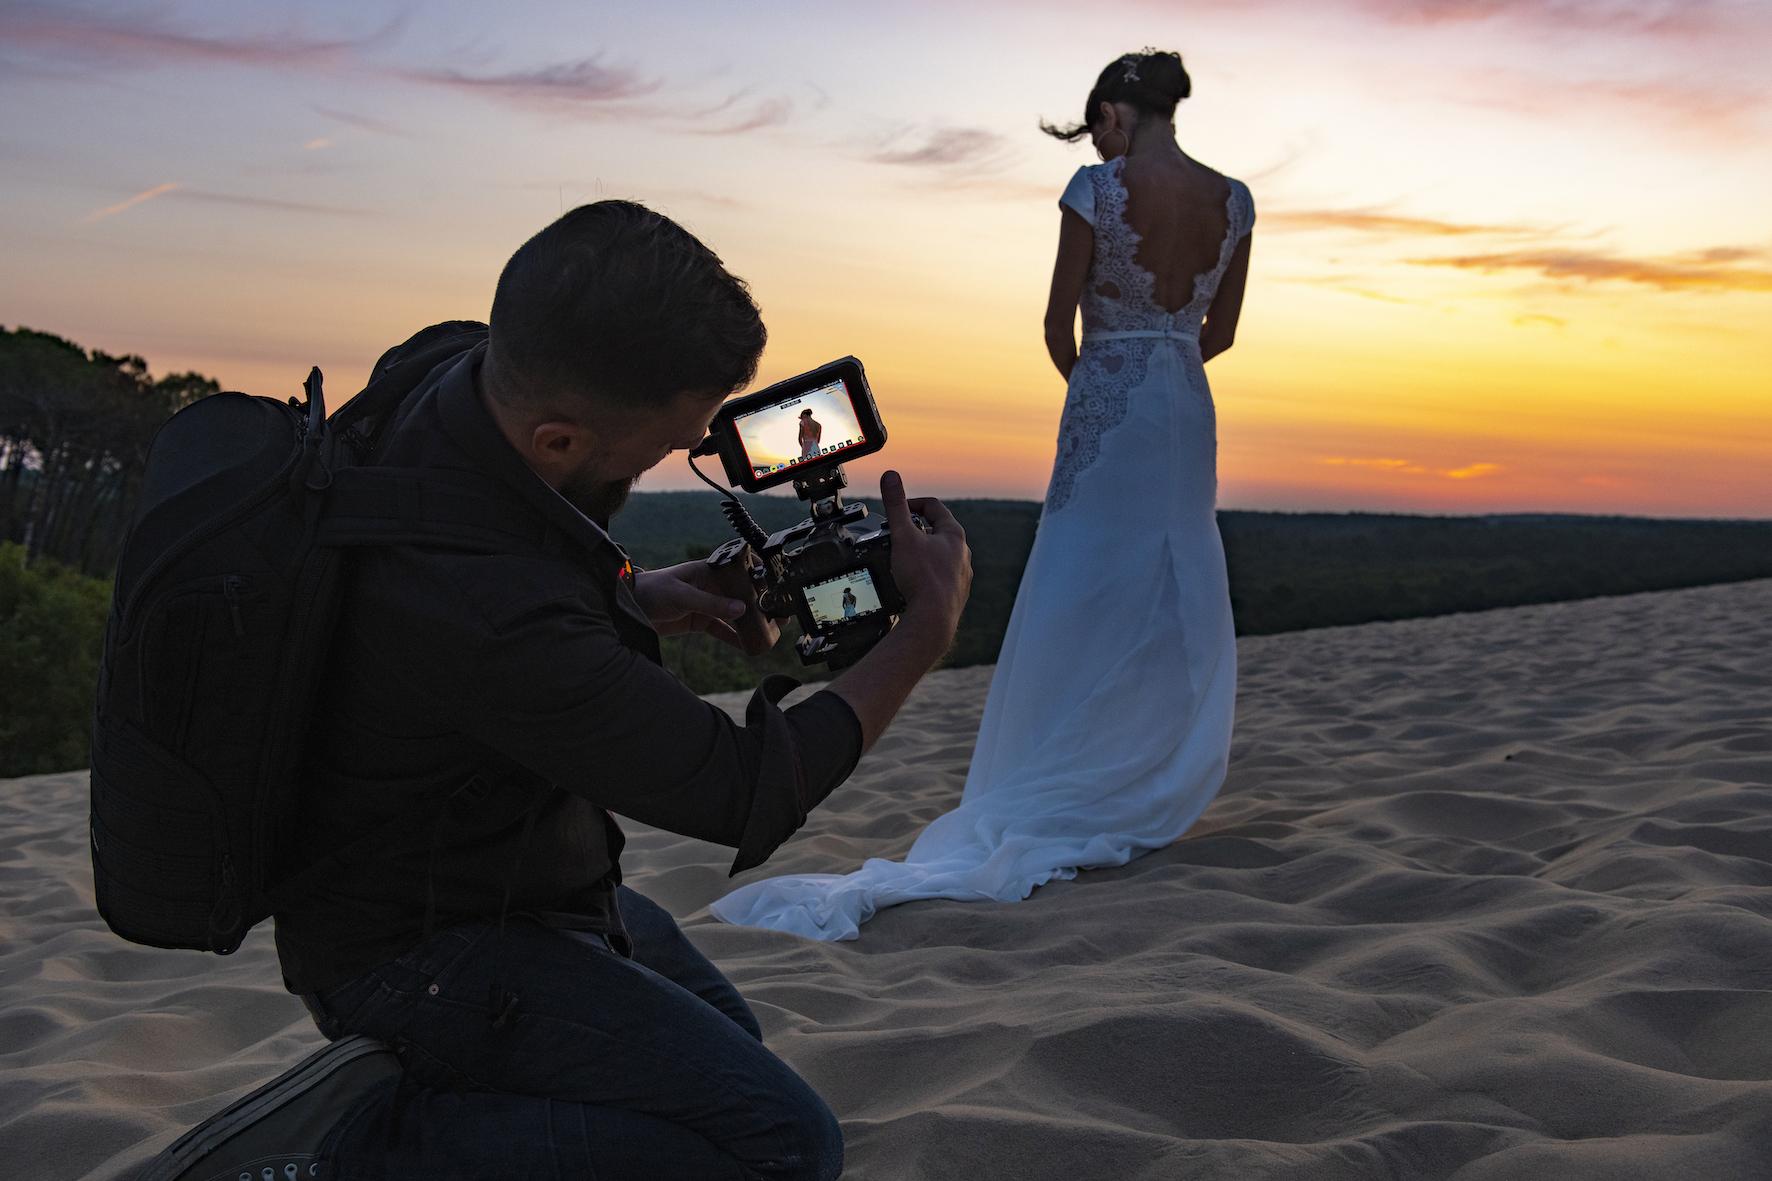 Das neue Z 6II Essential Movie Kit enthält alle wichtigen Werkzeuge zum Aufnehmen von Videos in Profi-Qualität. (c) Nikon